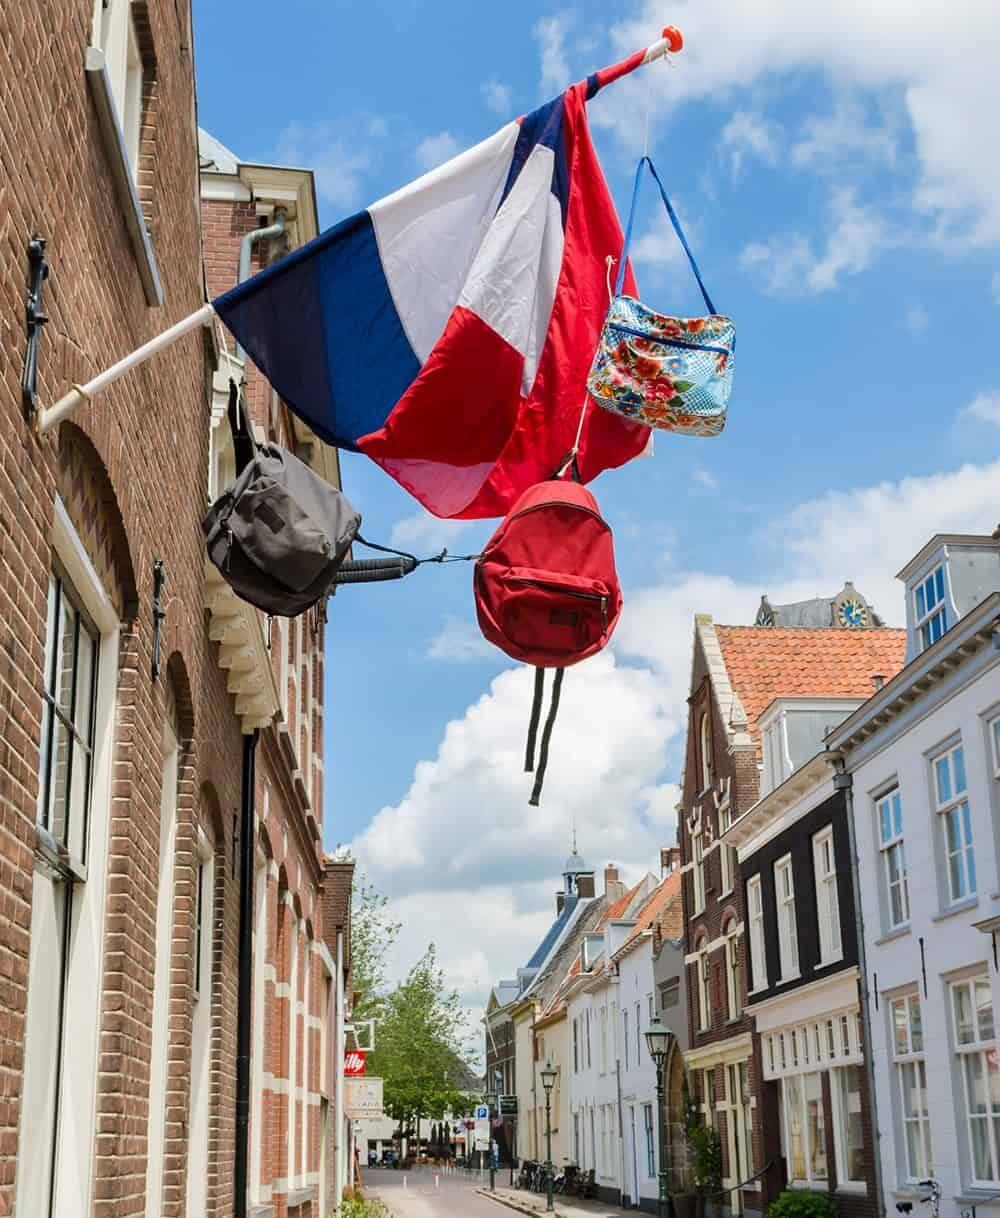 Wijk bij Duurstede - tas met vlaggen